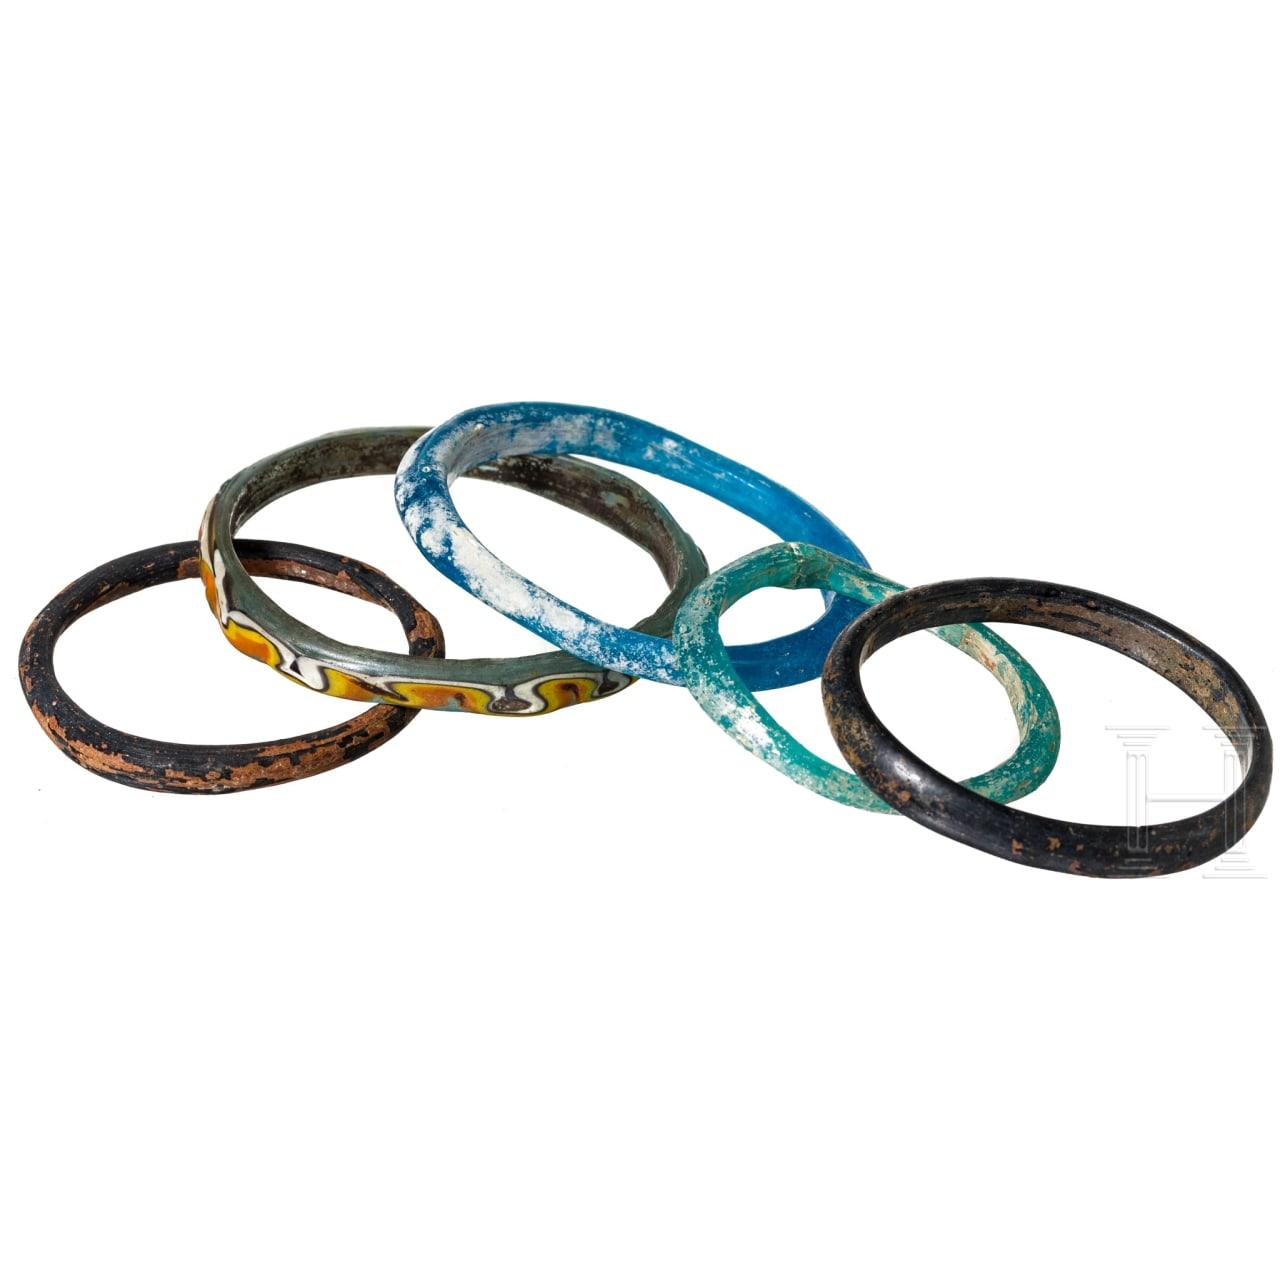 Five Byzantine glass bracelets, 5th - 14 th century